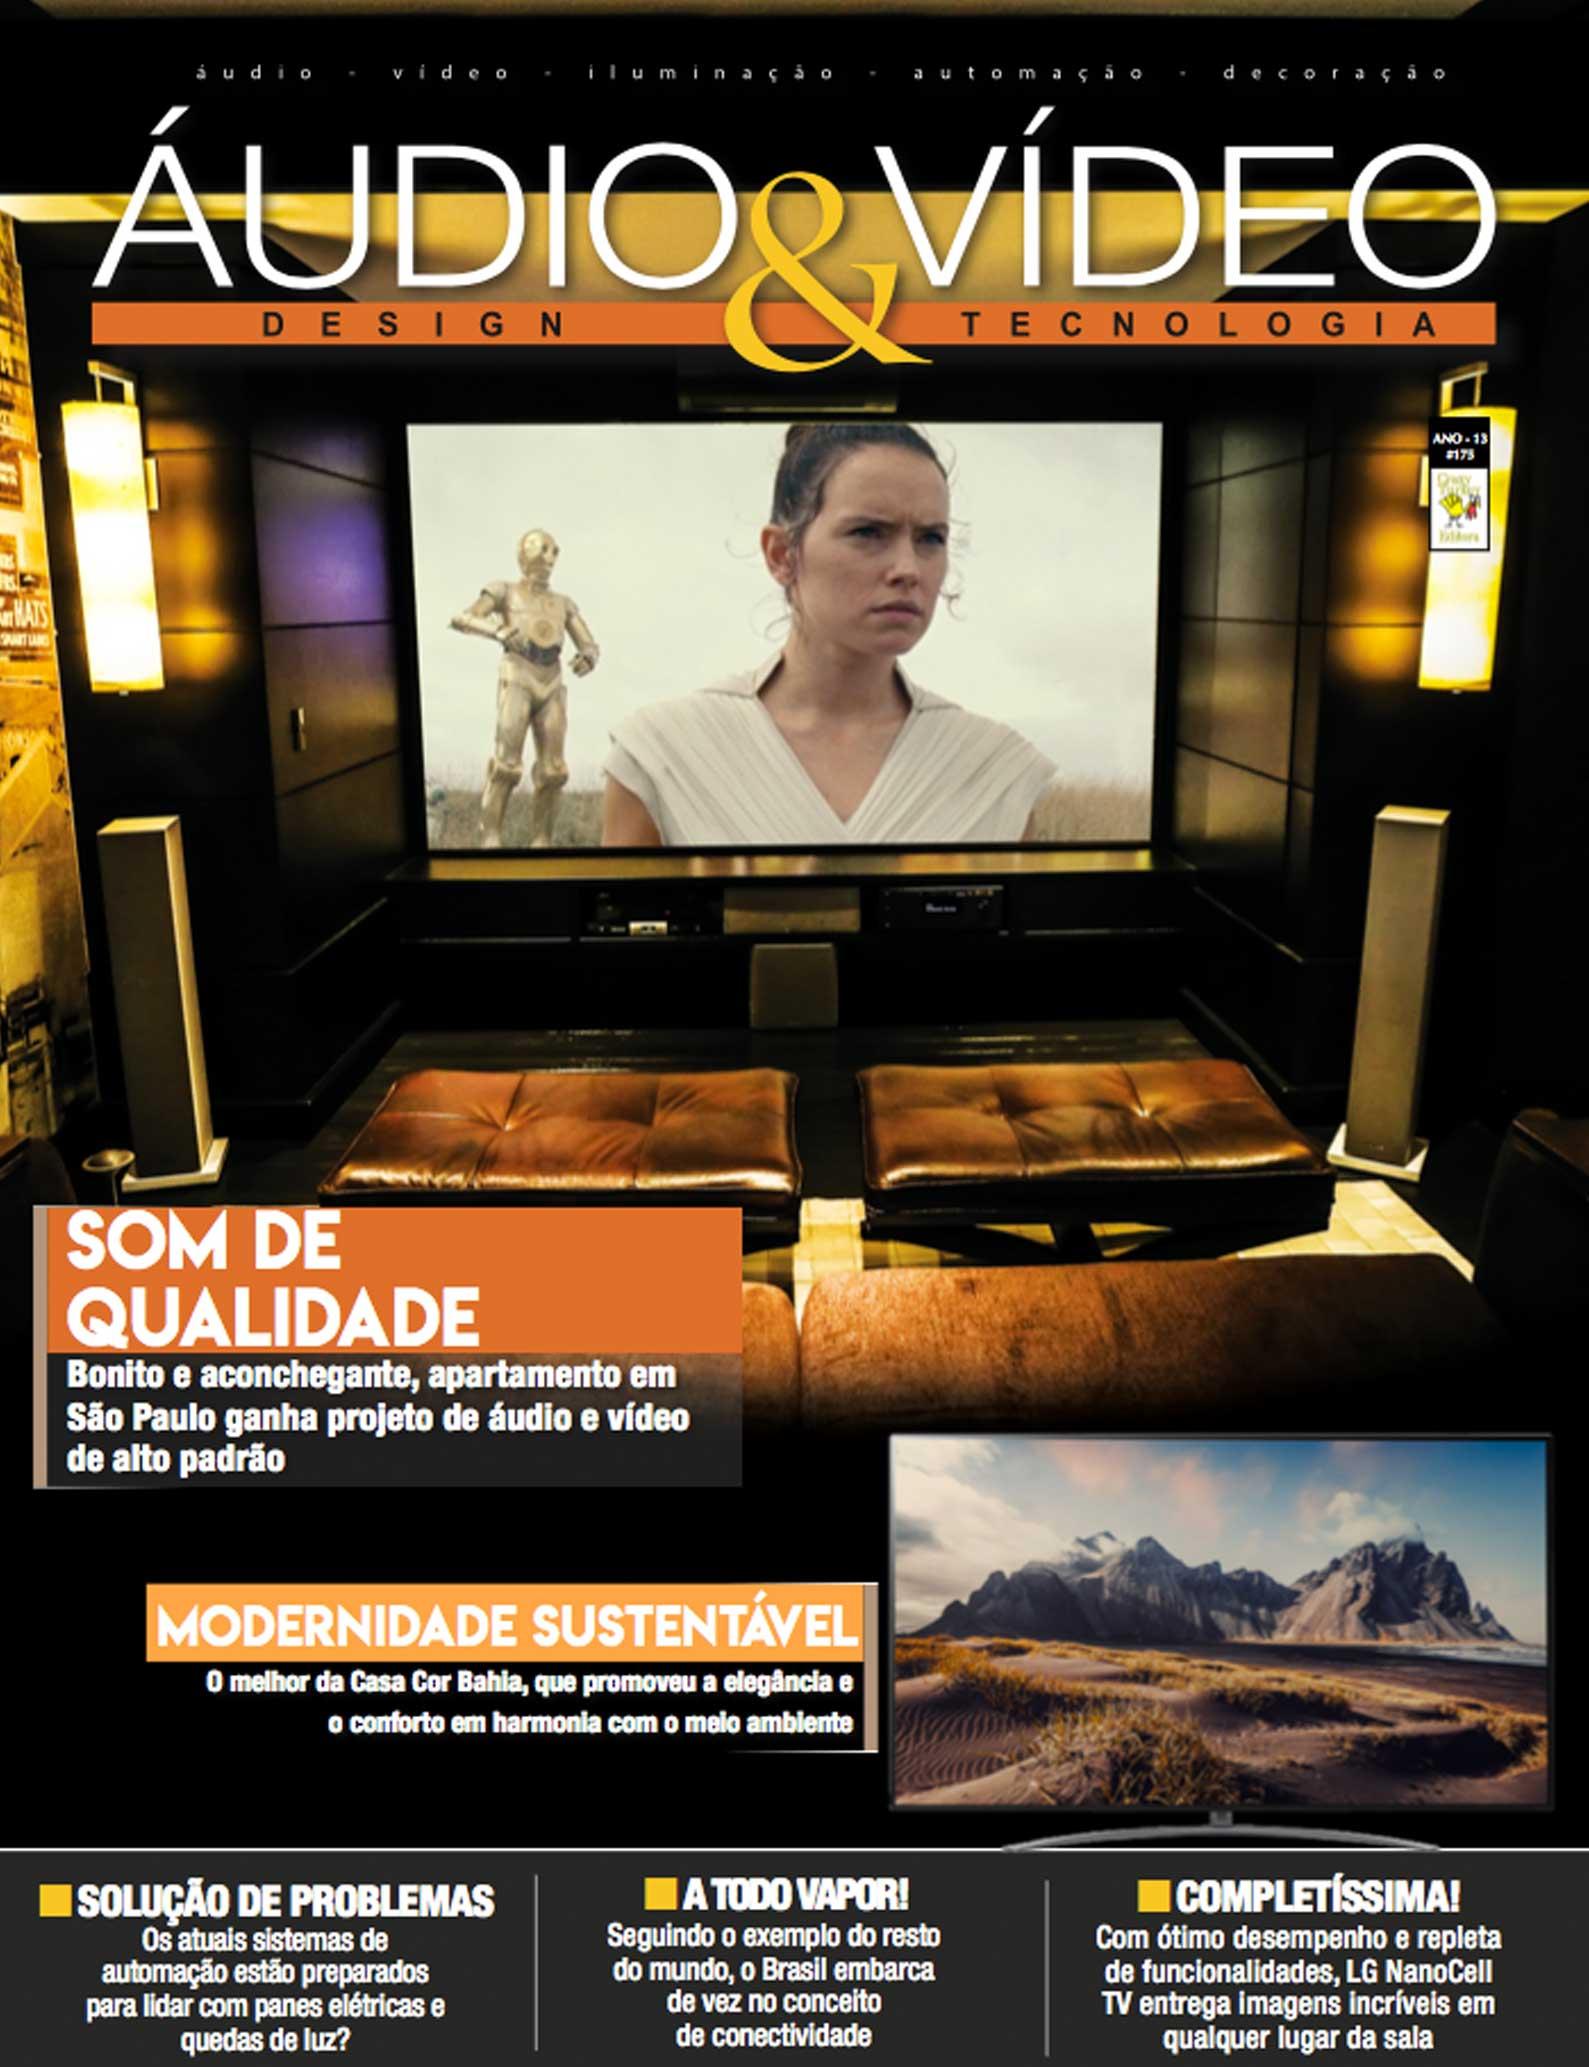 Revista Áudio & Vídeo 175 - Projeto de home cinema, automação e som ambiente para residência de alto padrão em Guarulhos, SP - DAG Brasil